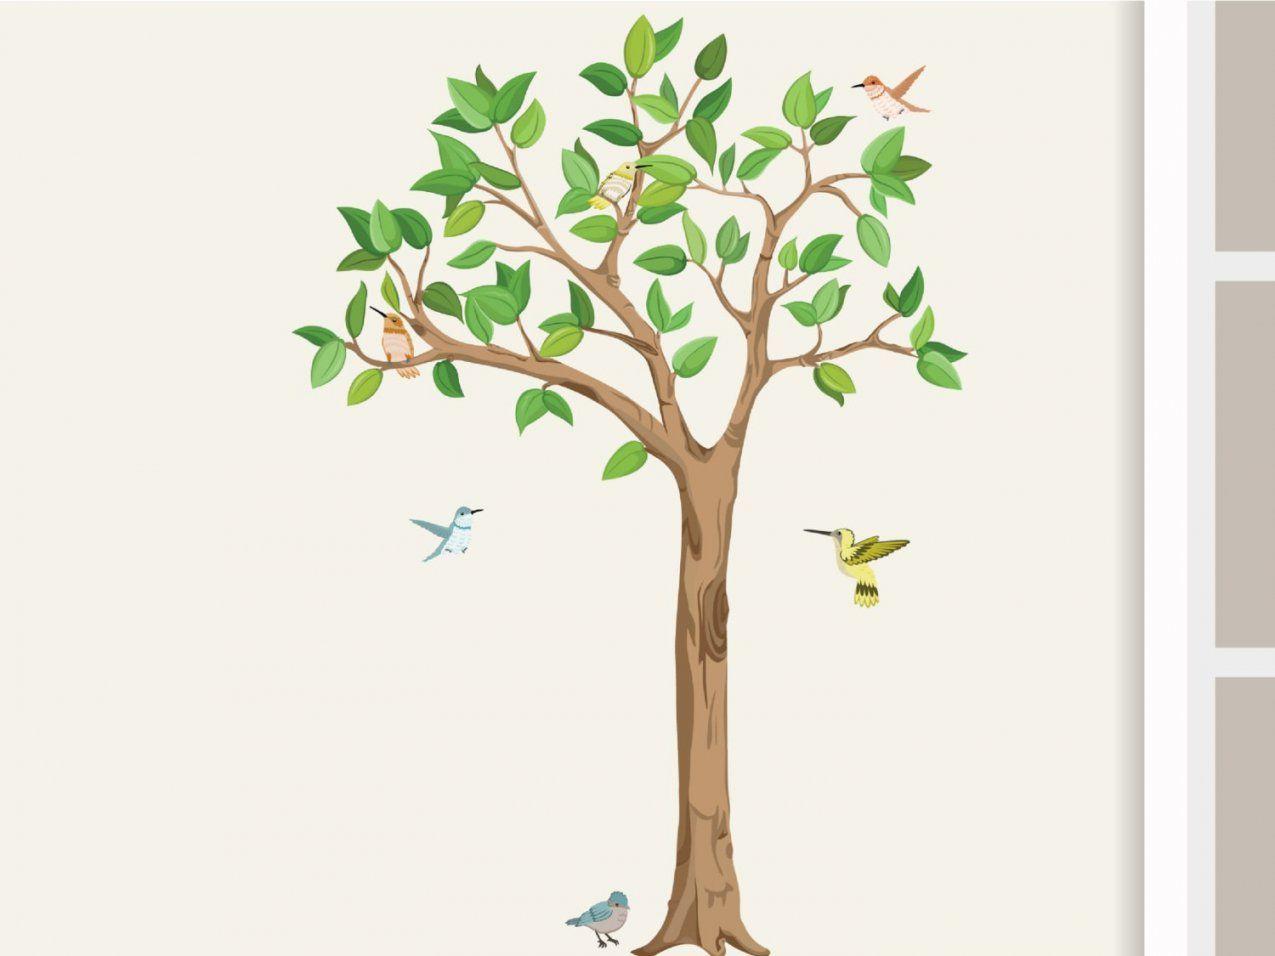 Kinderzimmer Design Wandtattoo Baum Kinderzimmer Zum Design L Mit von Wandtattoo Baum Kinderzimmer Xxl Photo